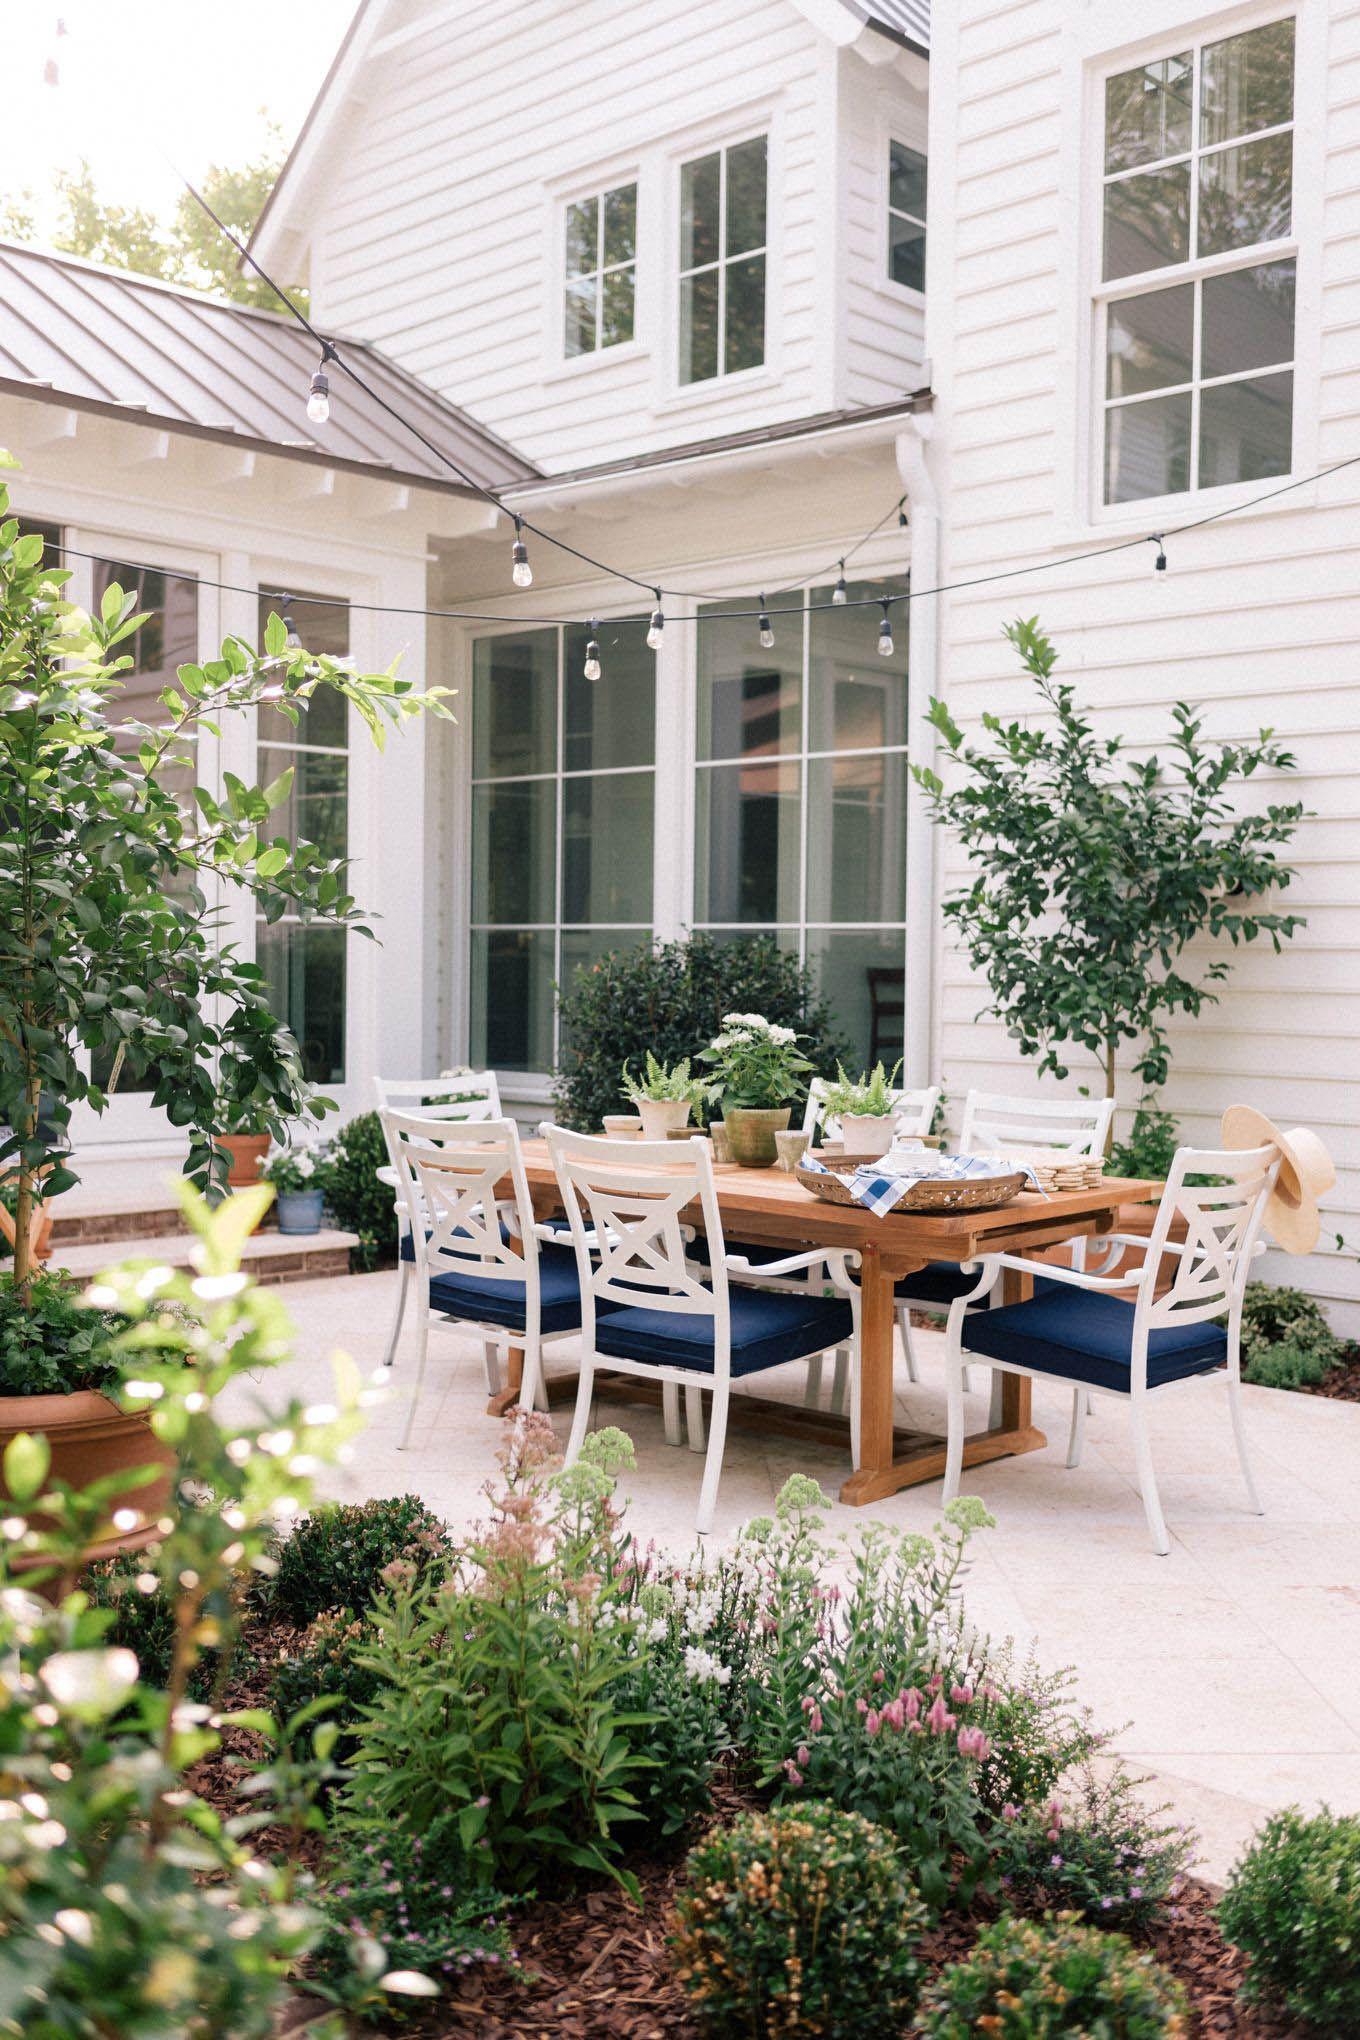 Block Patio Design Ideas St Back Patio Ideas Backyard Patio